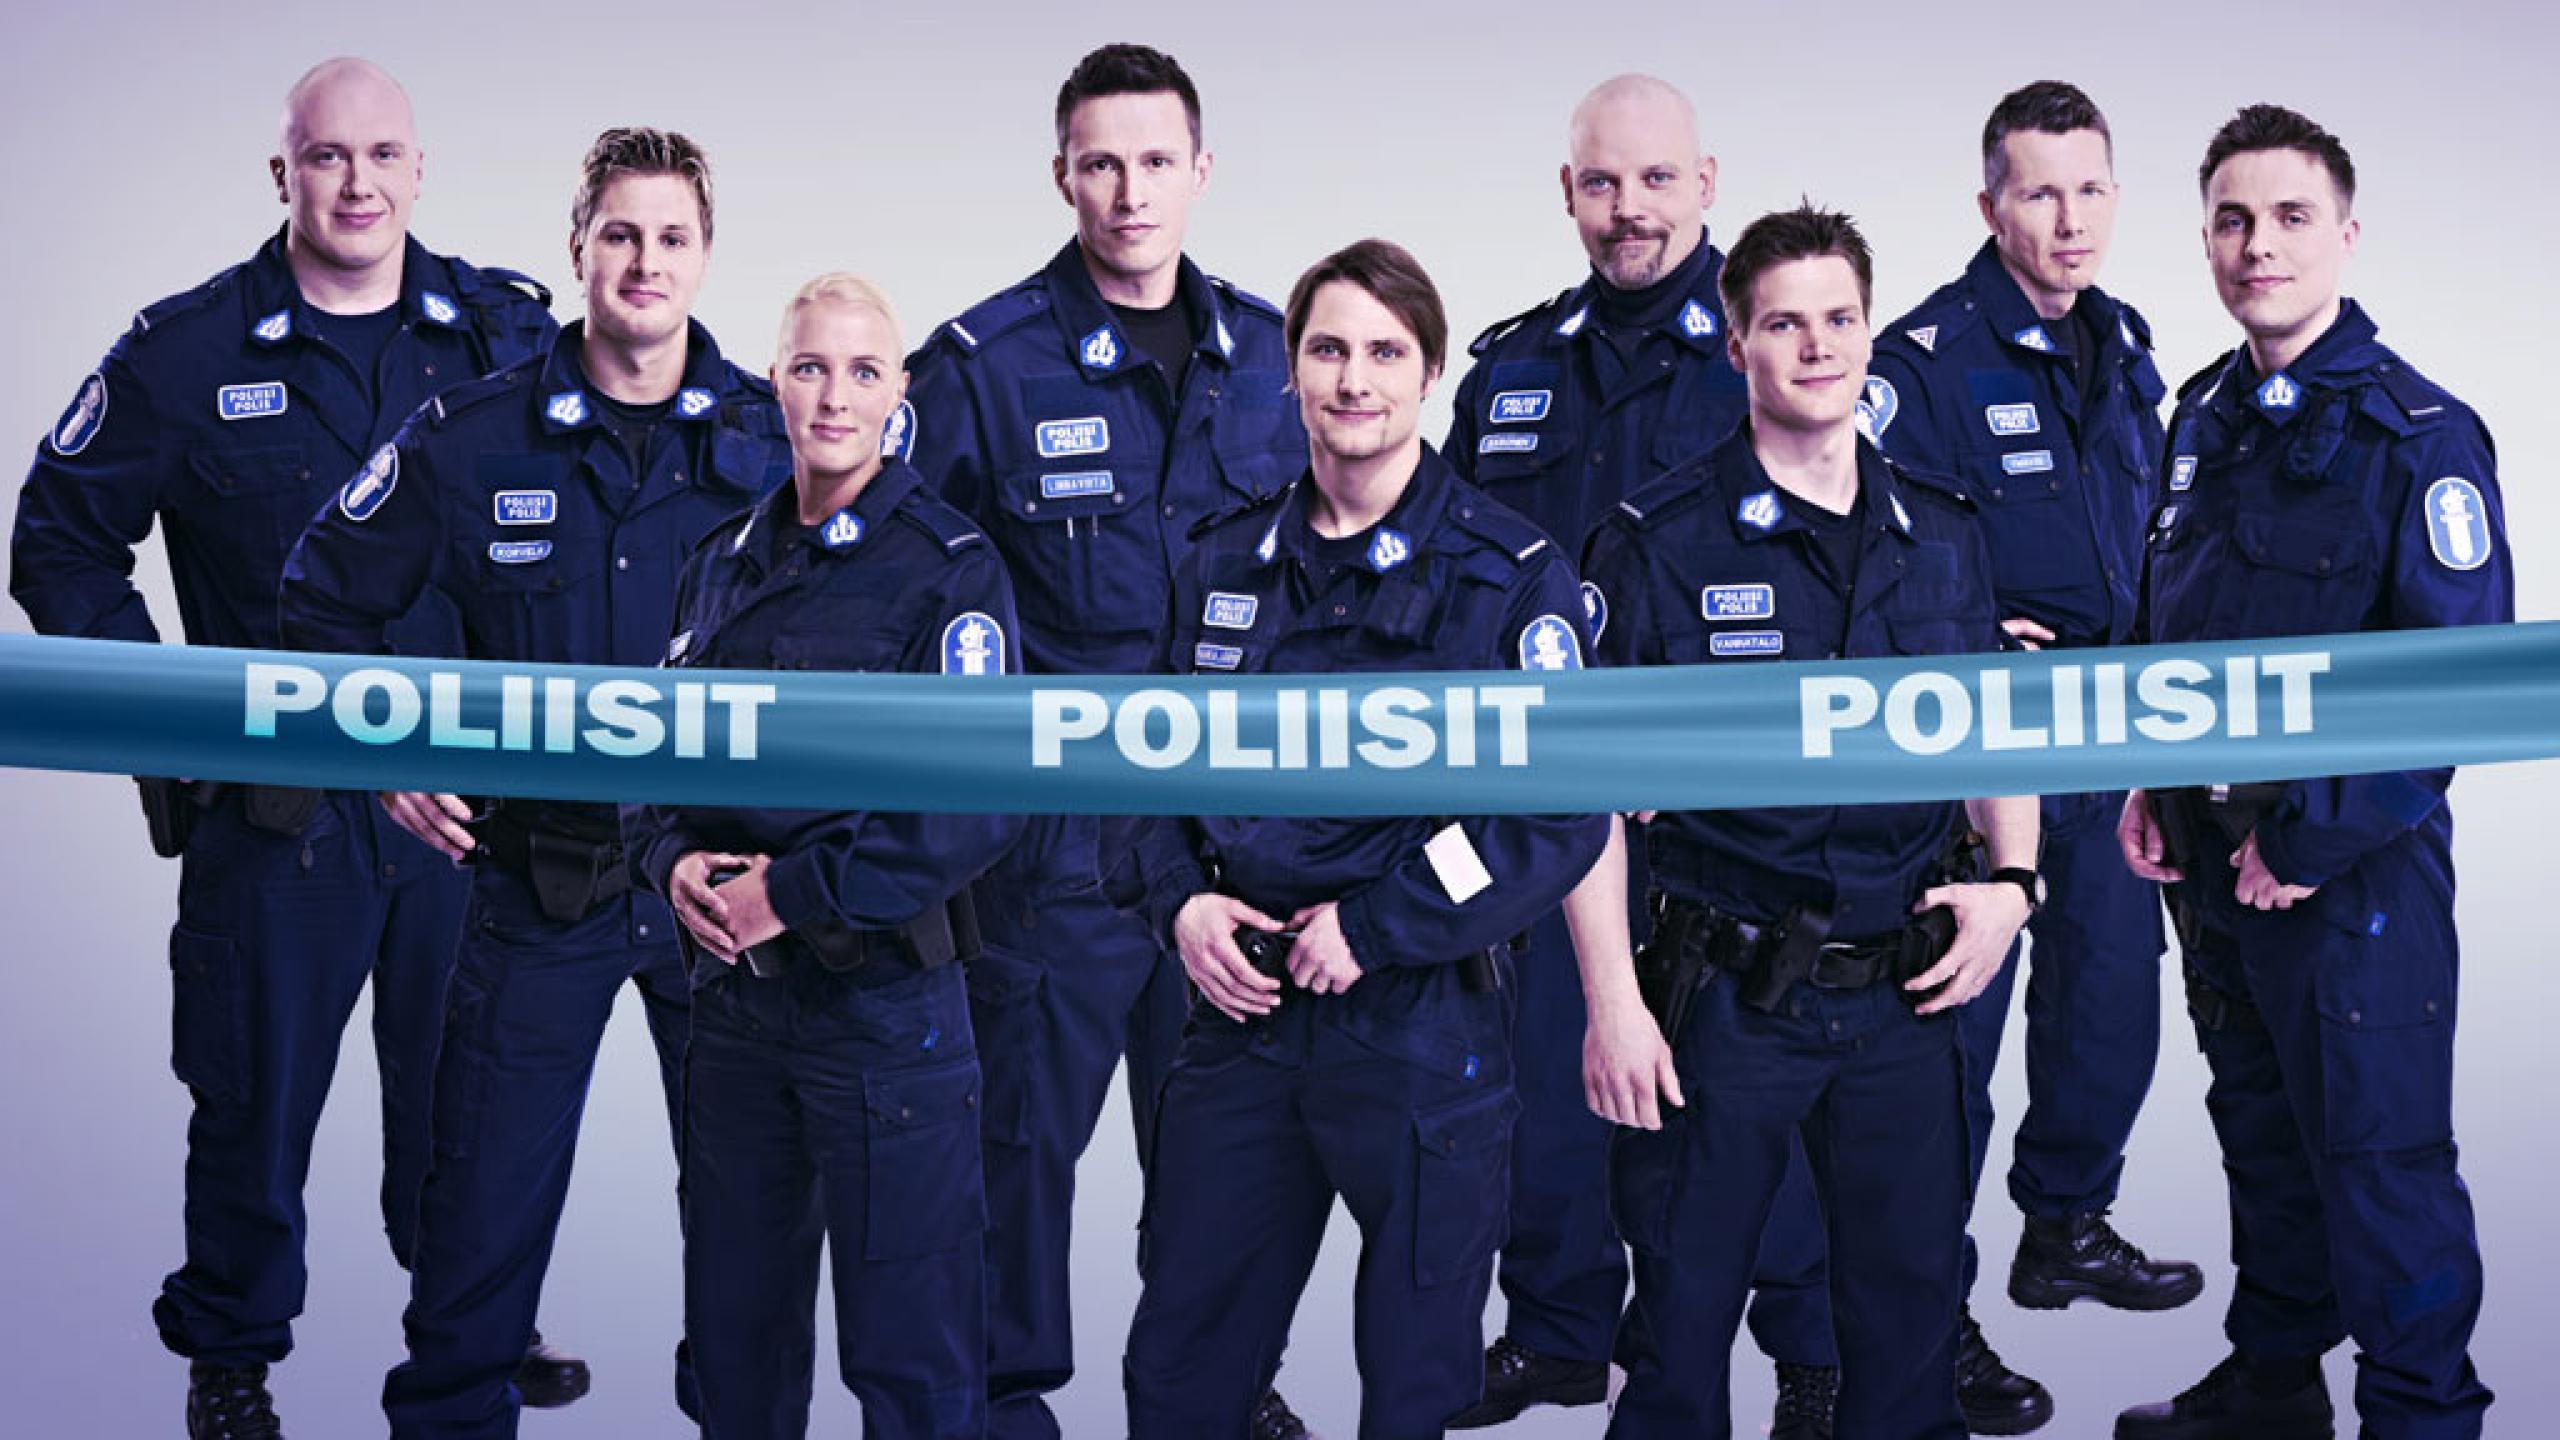 poliisit kausi 6